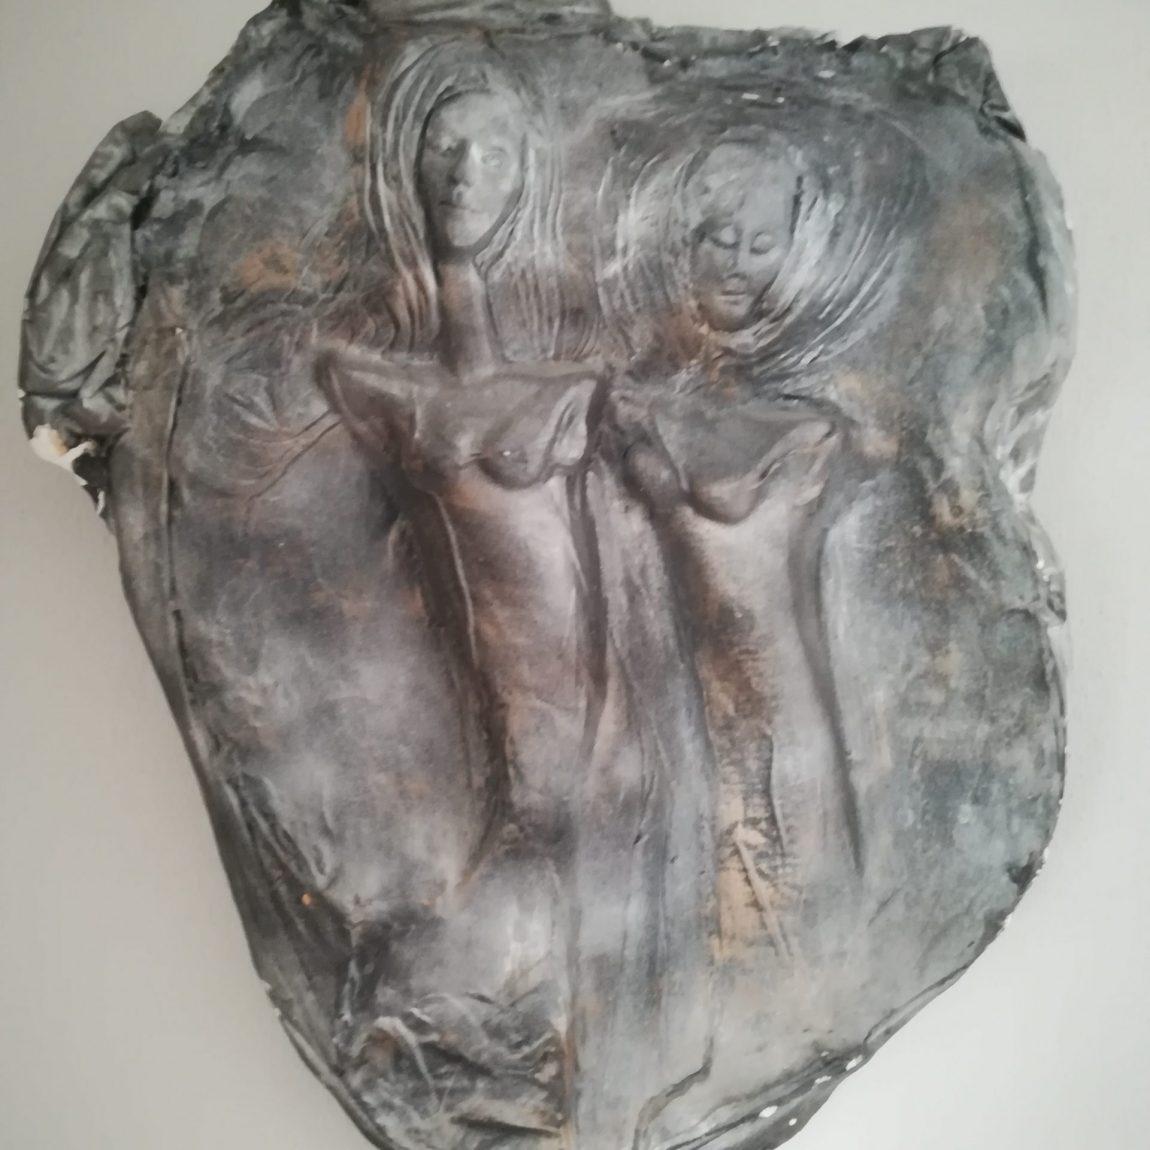 Sanatçı : Gülseren Dalbudak  -  Eser Adı: Dedikoducular  - Teknik: Alçı  - Ölçü: 60 x 70 cm-  Fiyat : 6.850 TL